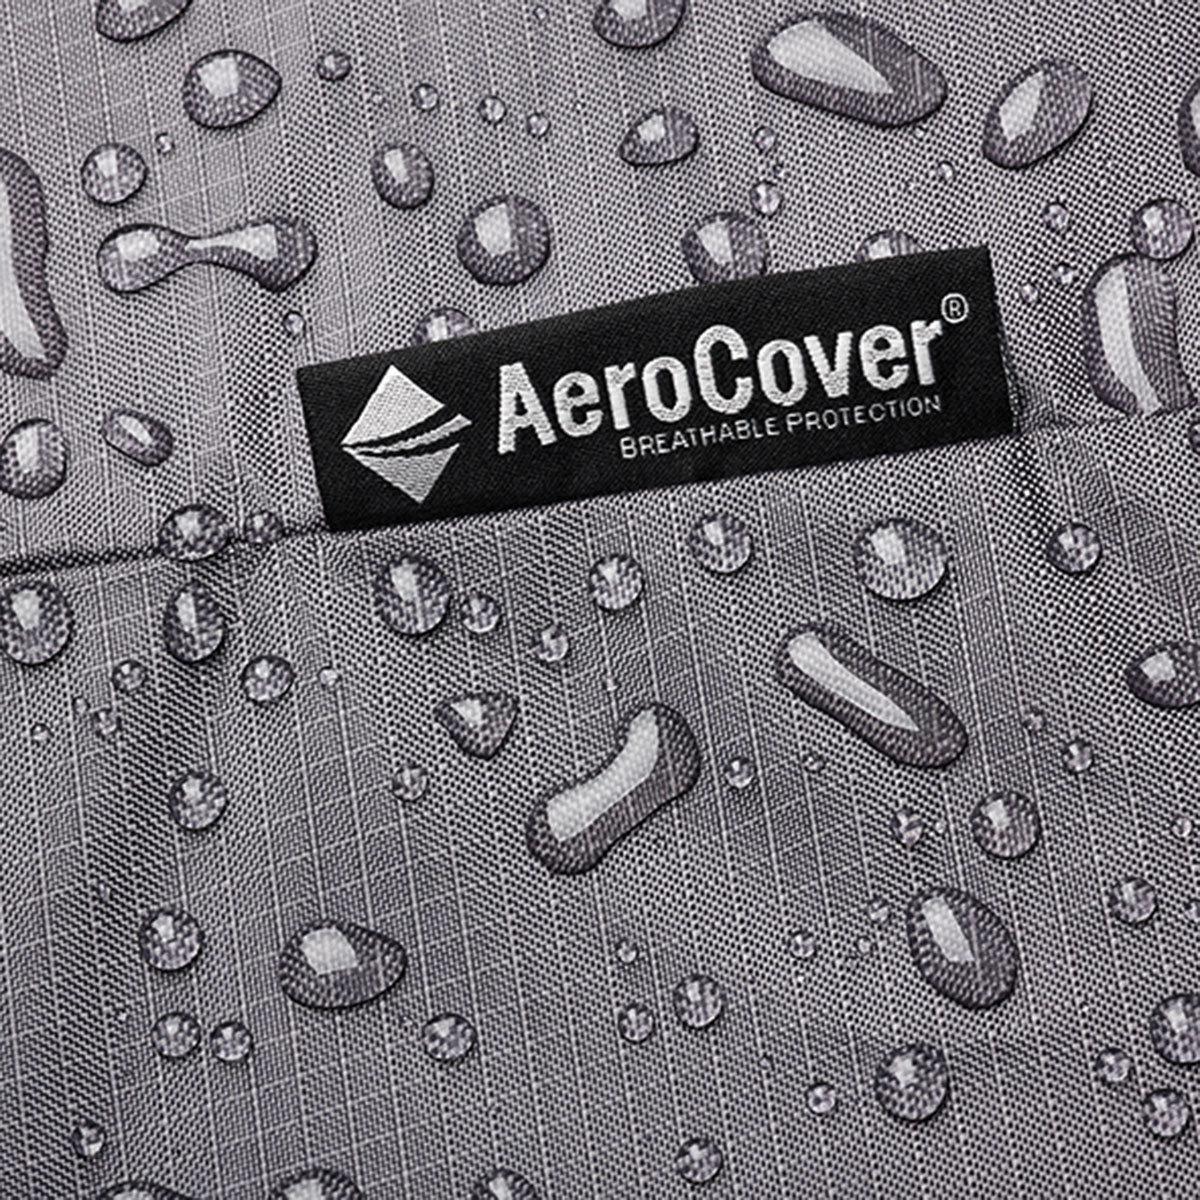 Schutzhülle AeroCover für Ampelschirme mit gebogenem Standrohr | #3